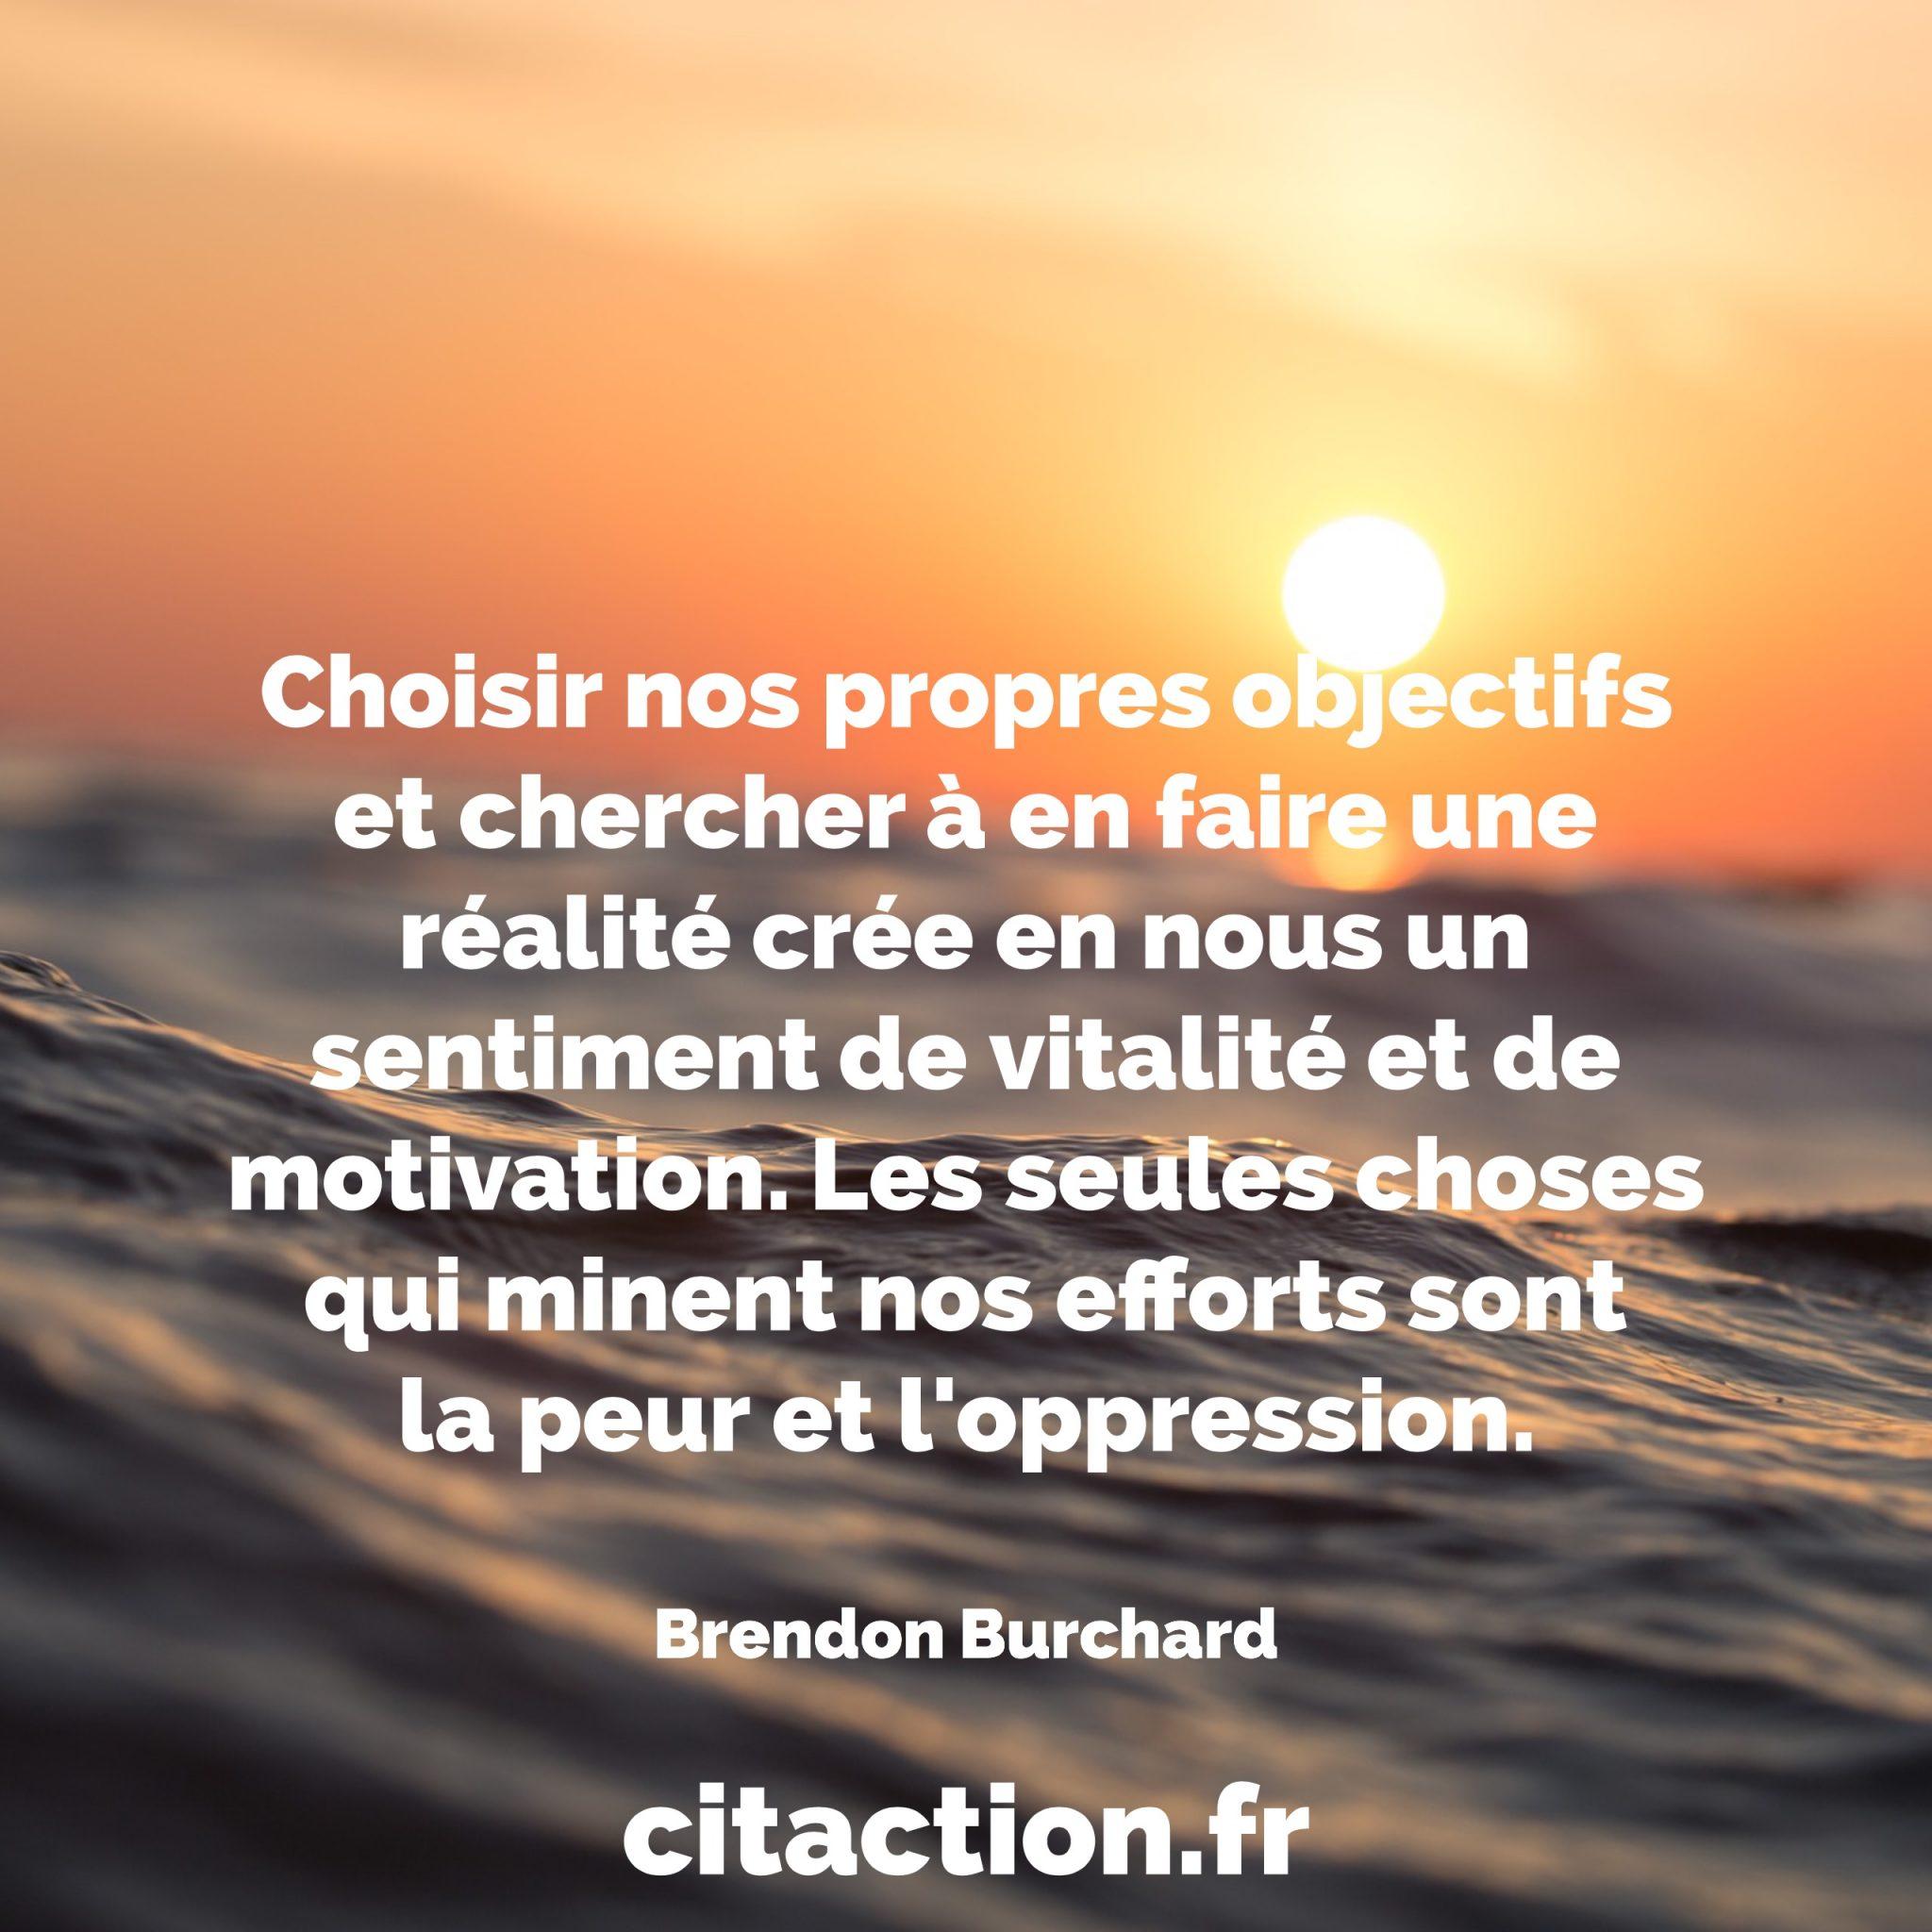 Choisir nos propres objectifs et chercher à en faire une réalité crée en nous un sentiment de vitalité et de motivation.